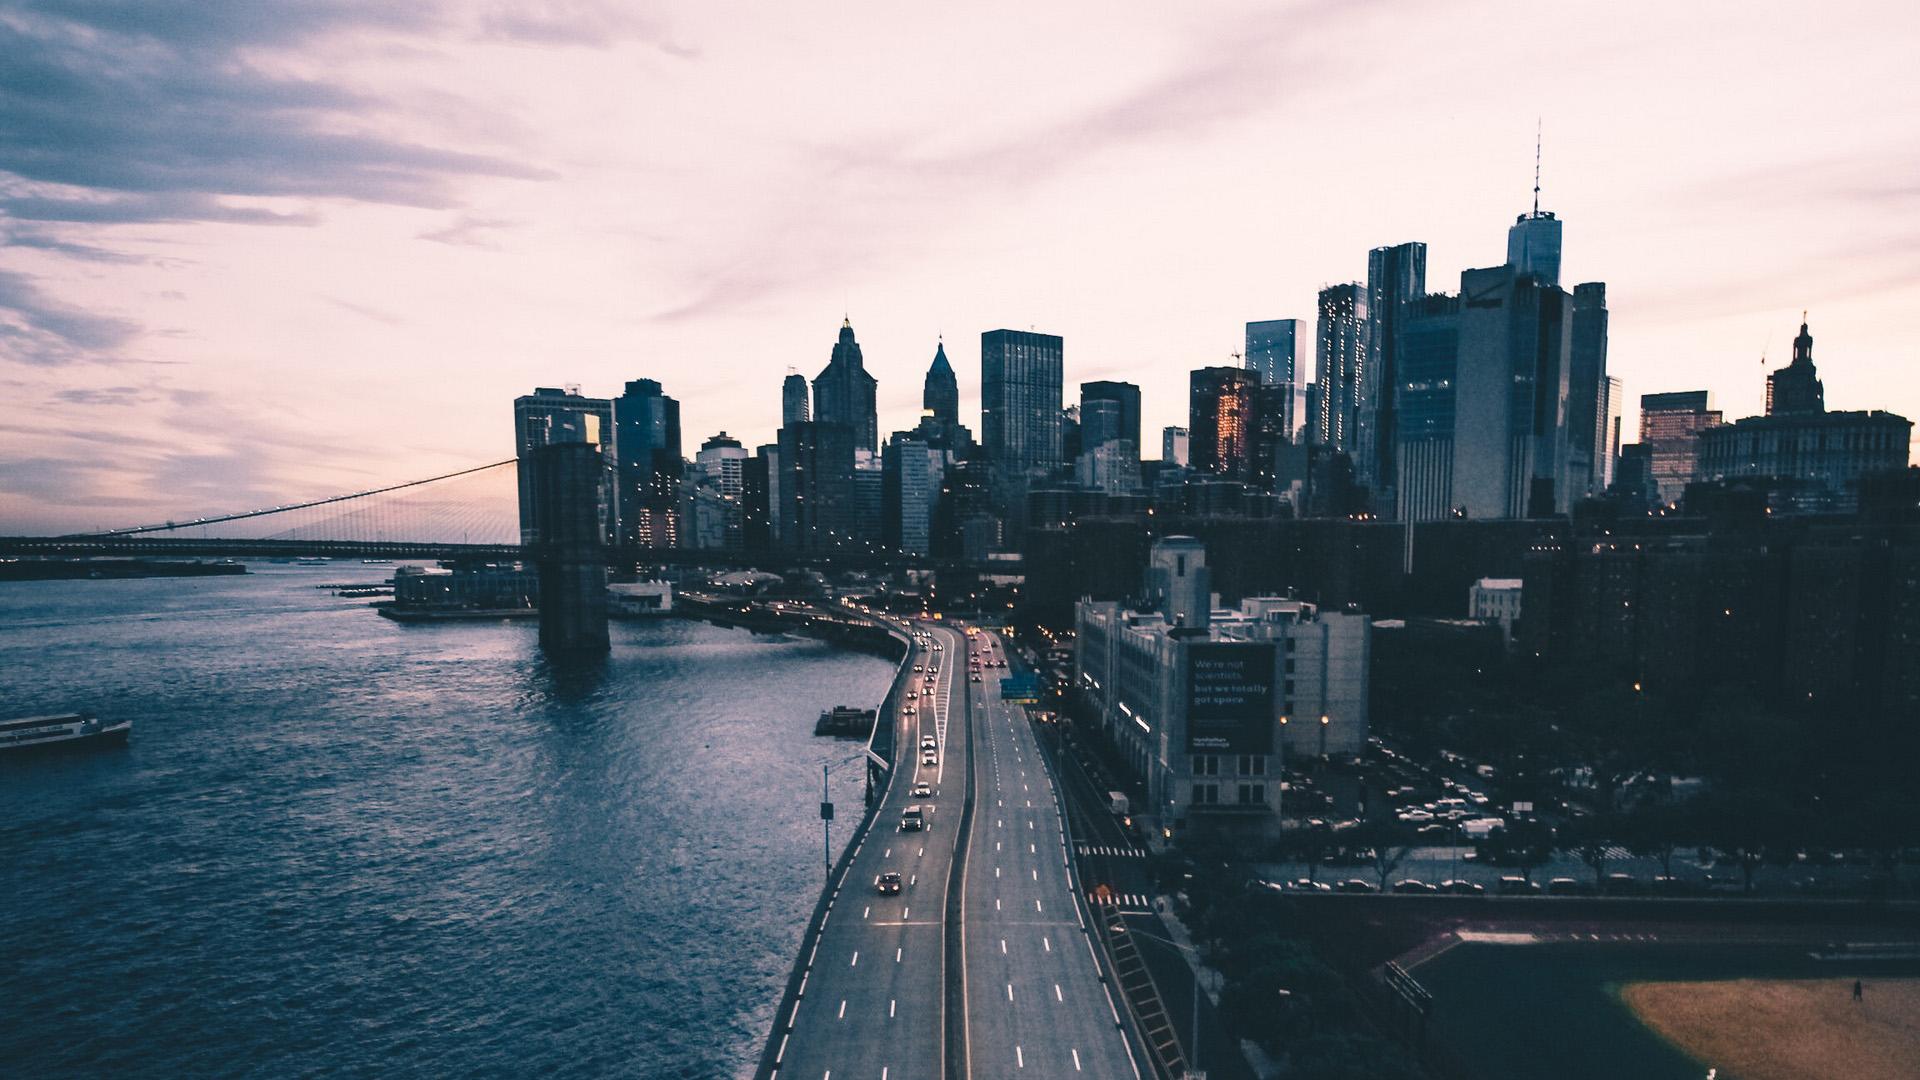 Красивые и удивительные картинки Города на рабочий стол - сборка №7 5